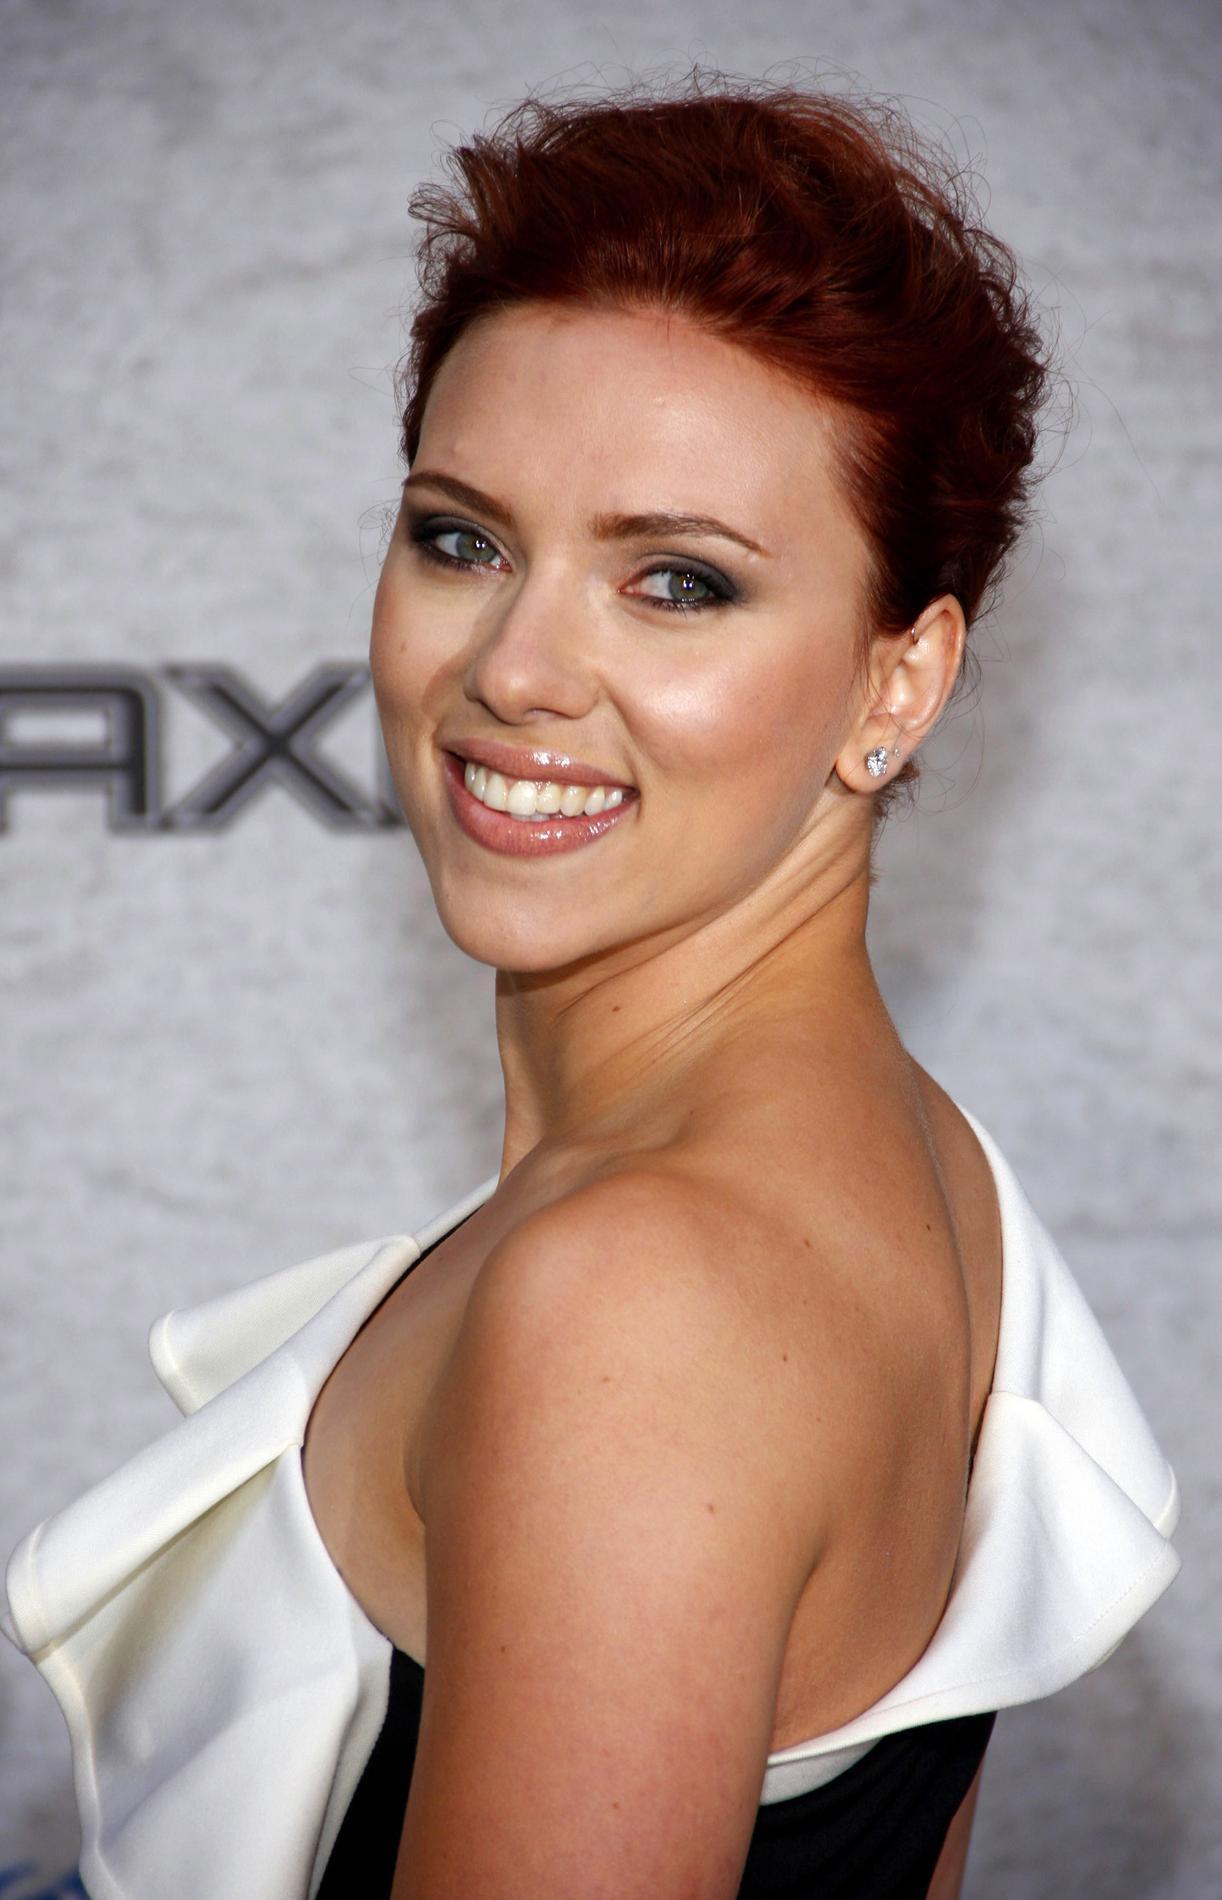 Scarlett johansson under the skin hd 4 8